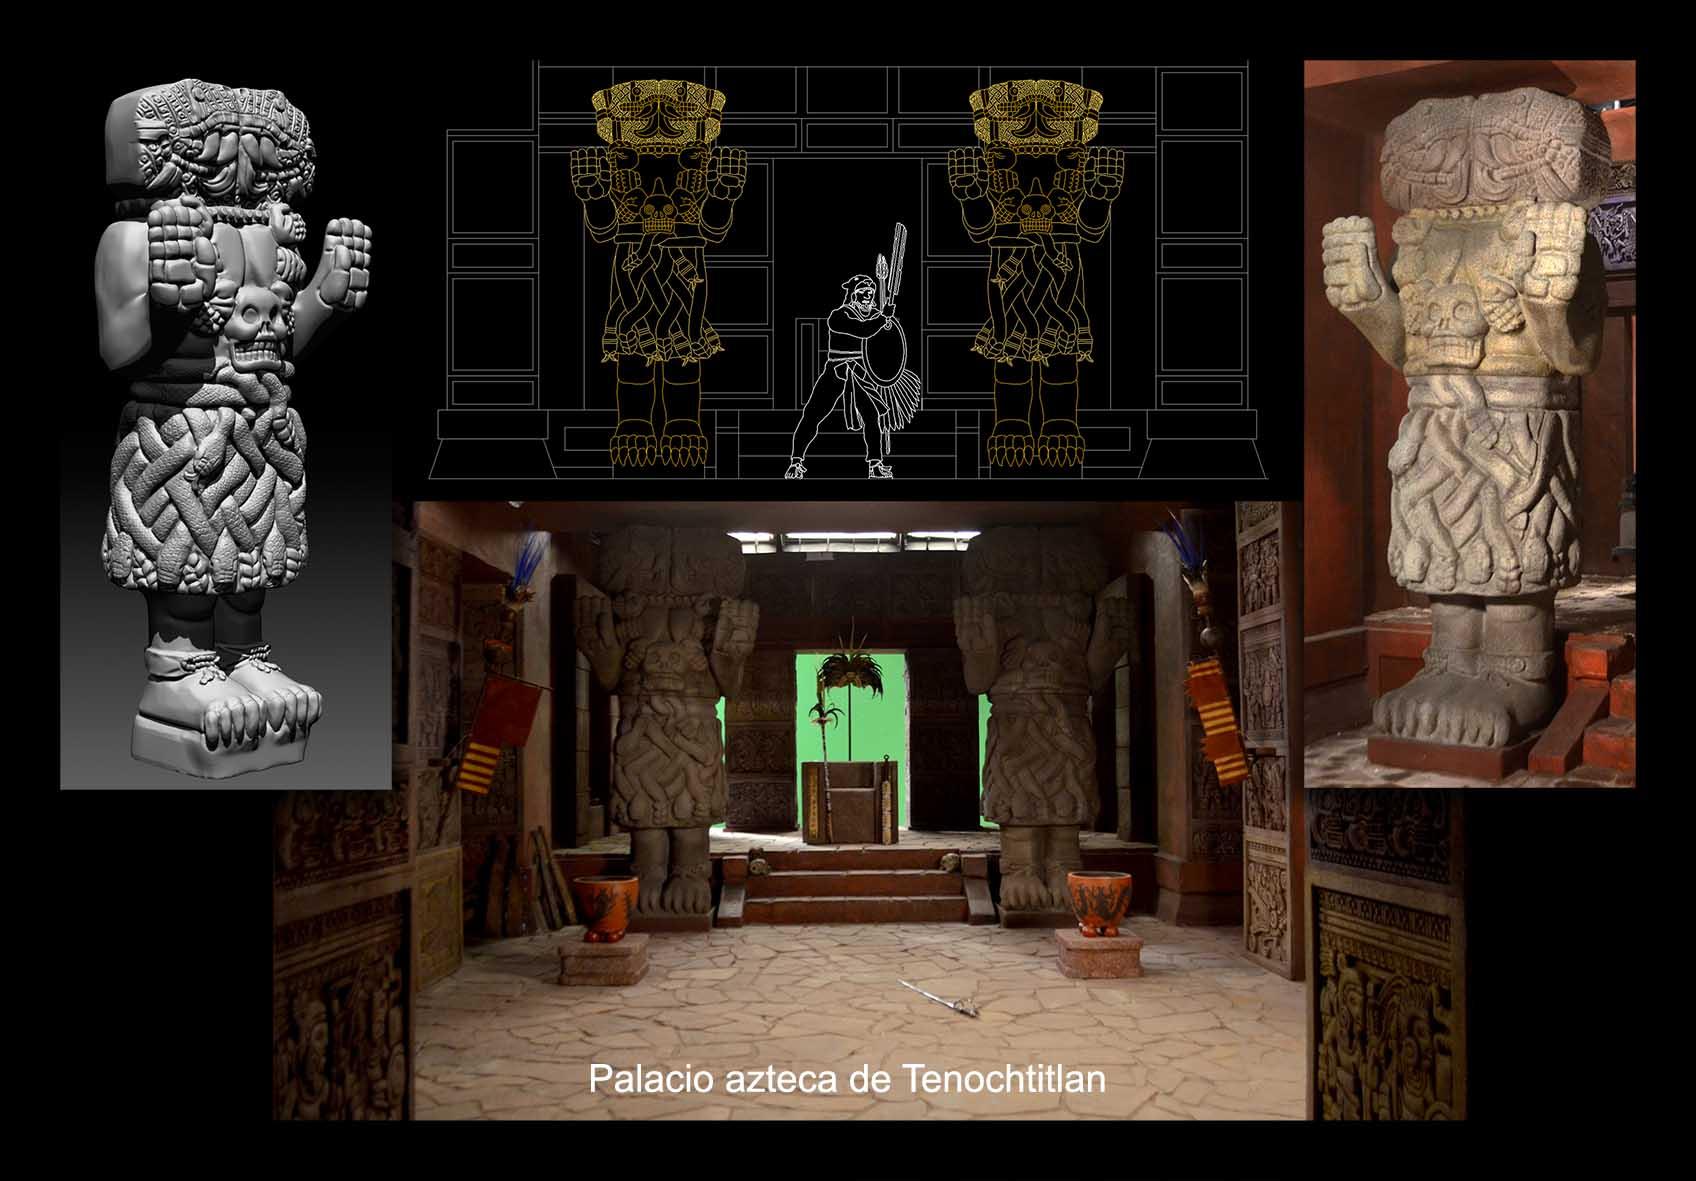 david-temprano-71-carlos-rey-emperador-2